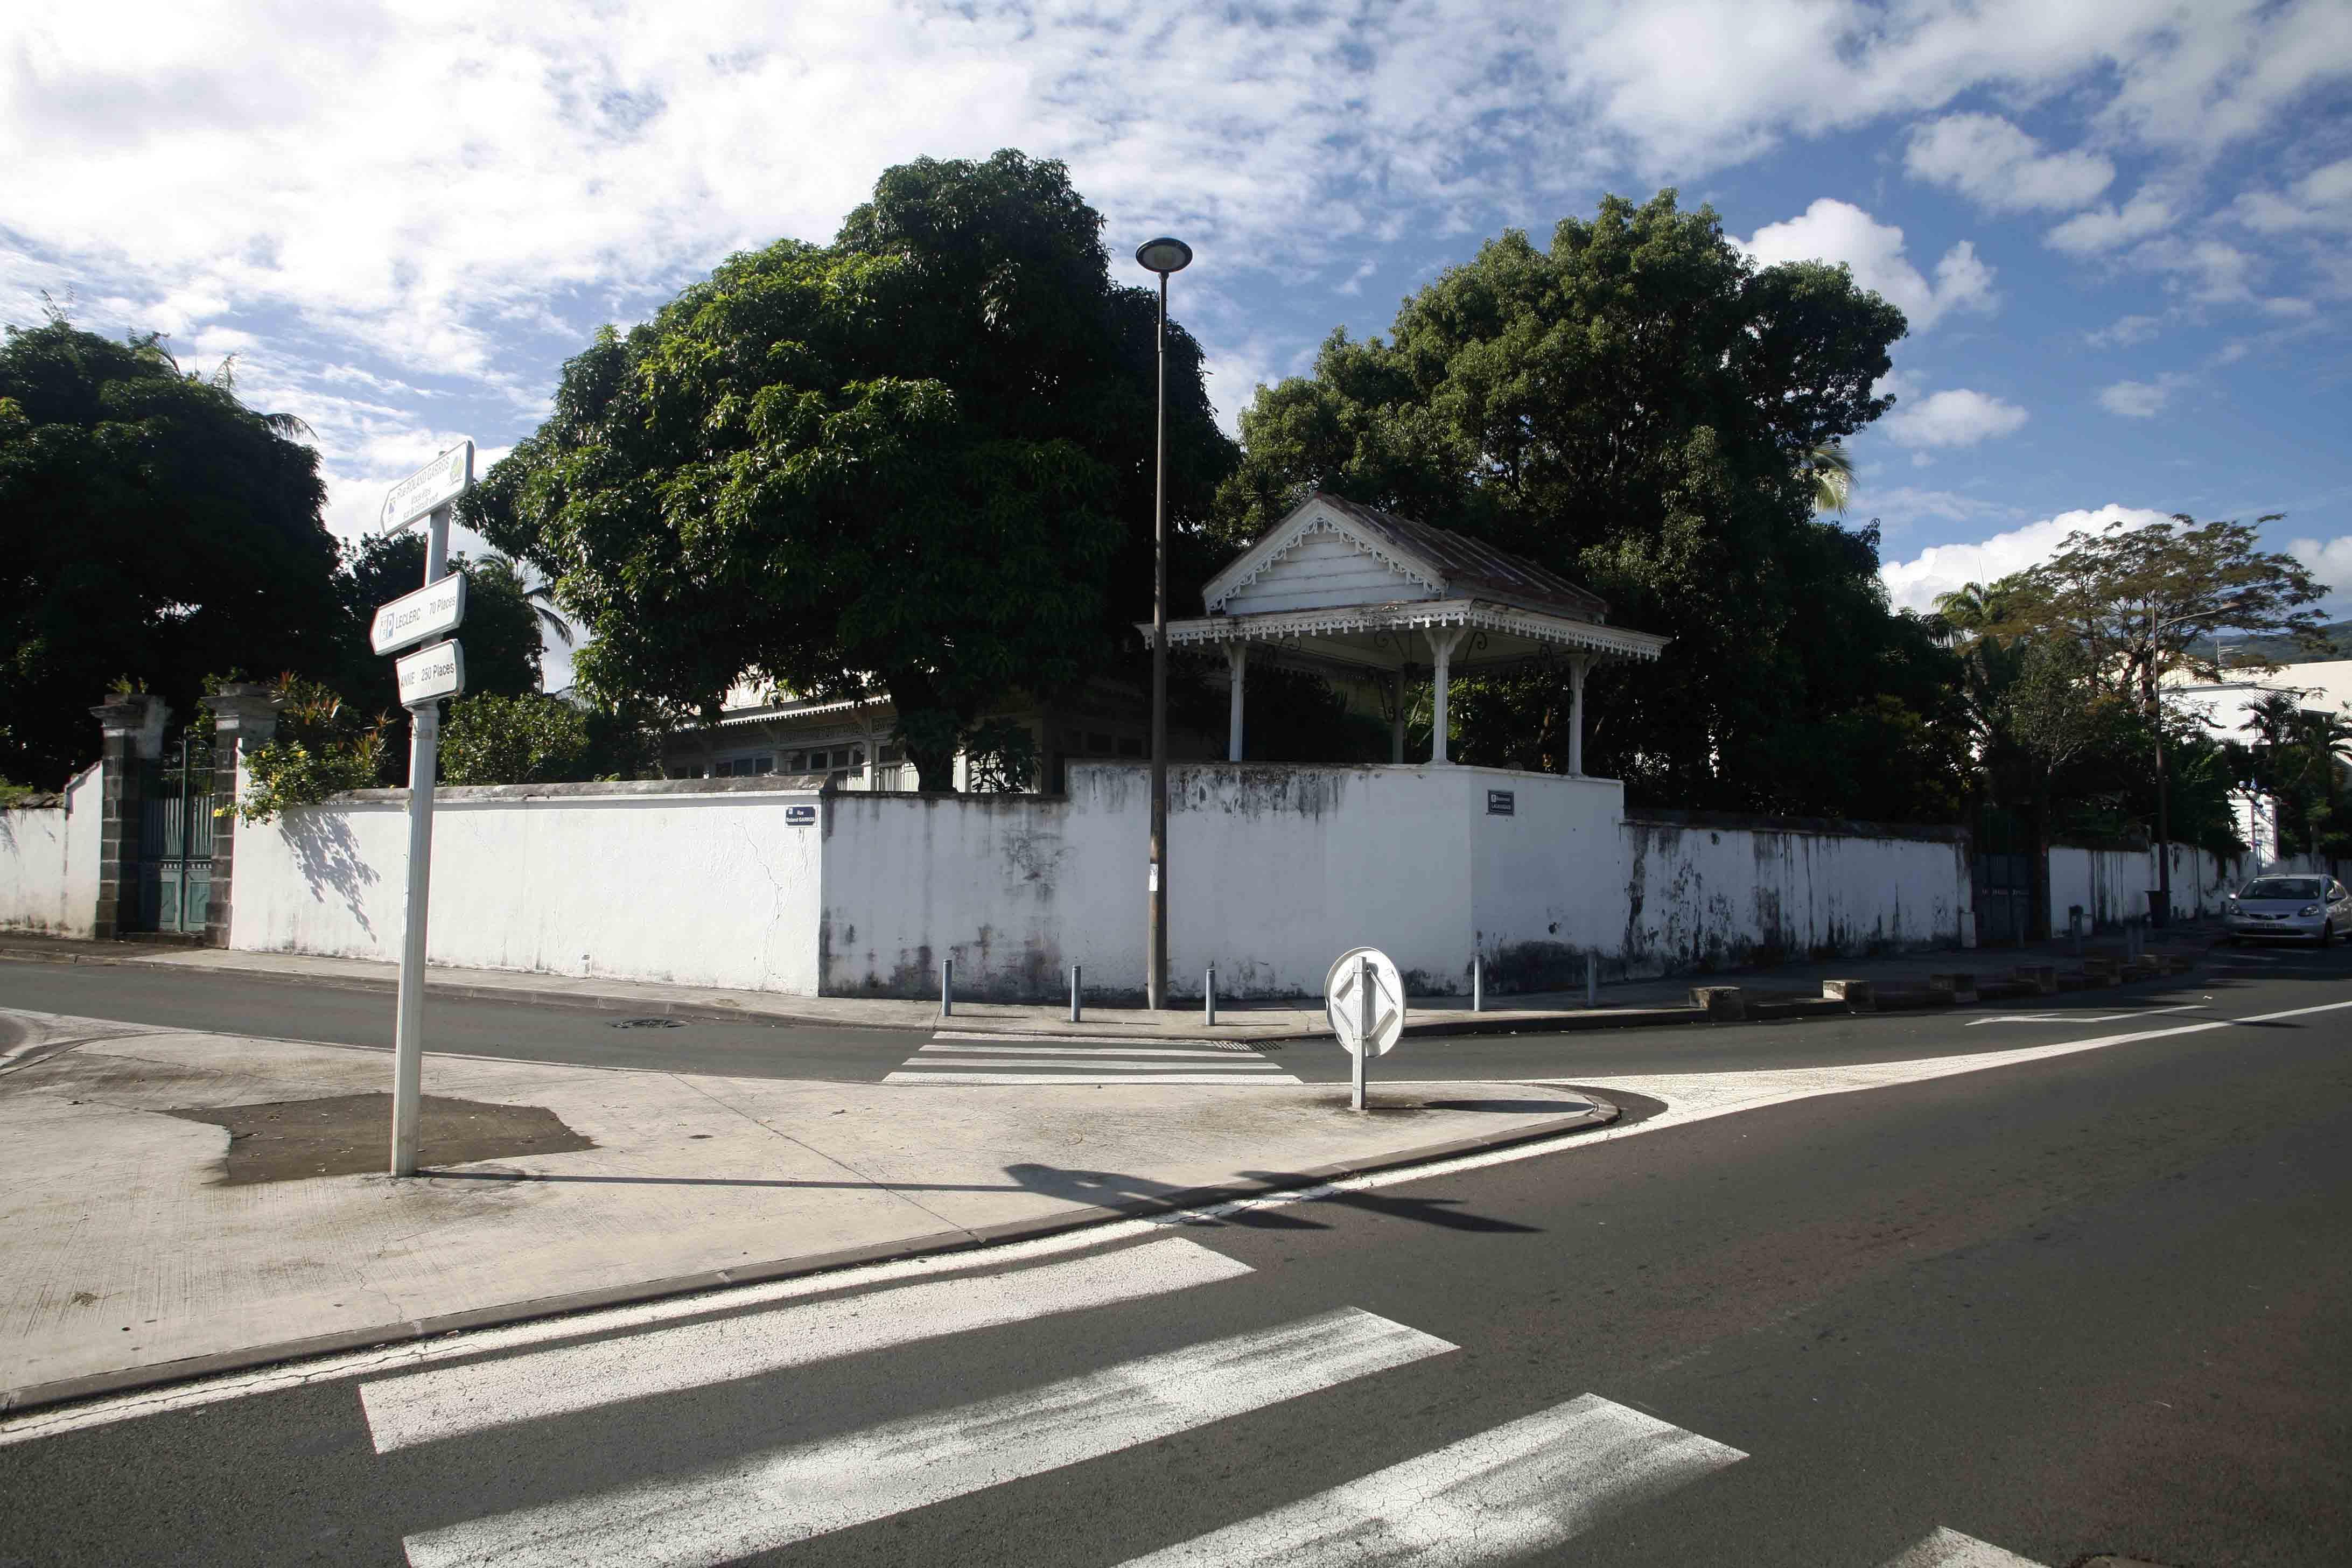 La villa neoclassique ville de saint denis de la r union l 39 humain pour nous c 39 est capital - Piscine pierre de coubertin saint denis ...